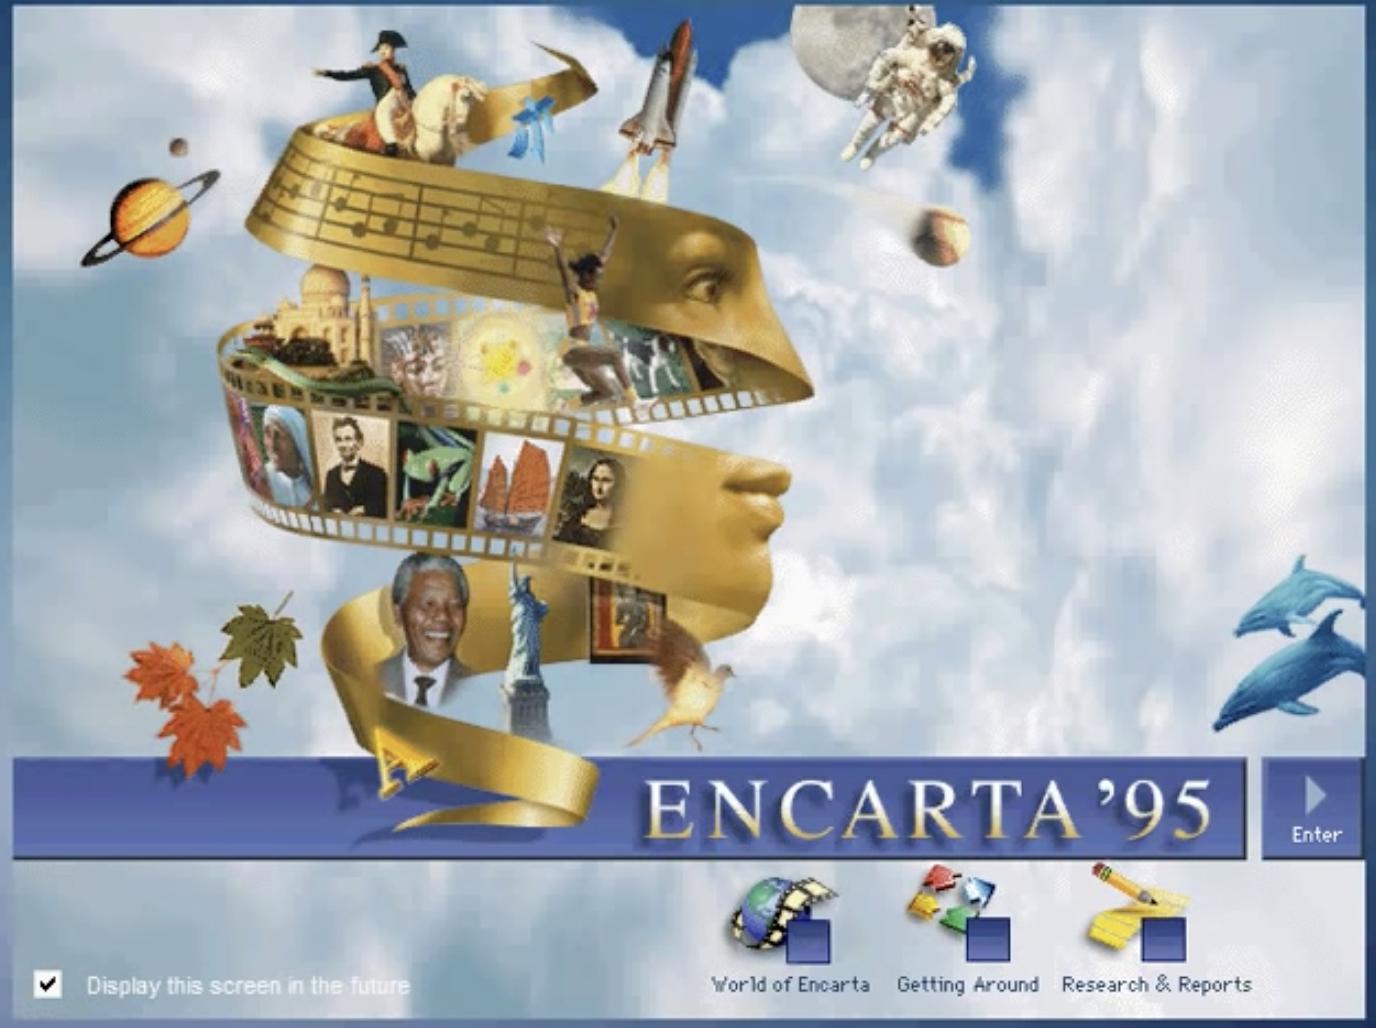 vice.com - Jason Koebler - Let's Remember Microsoft Encarta